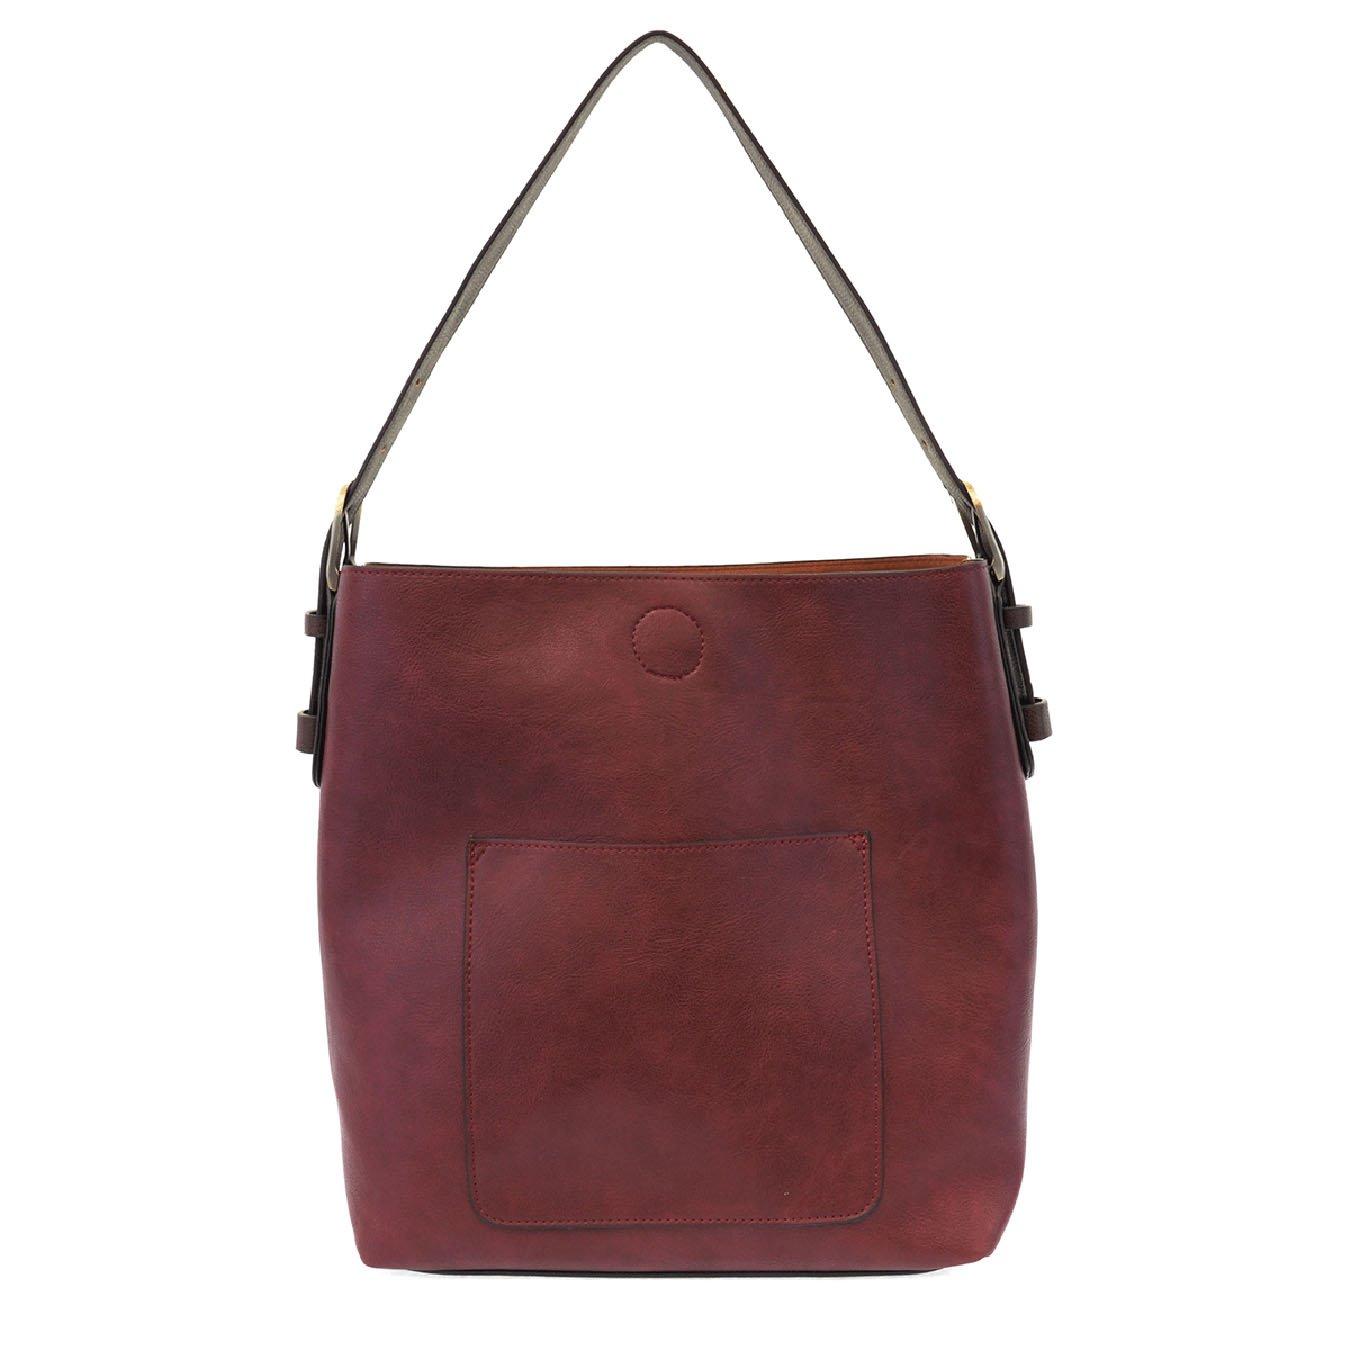 Merlot Hobo Handbag with Coffee Handle